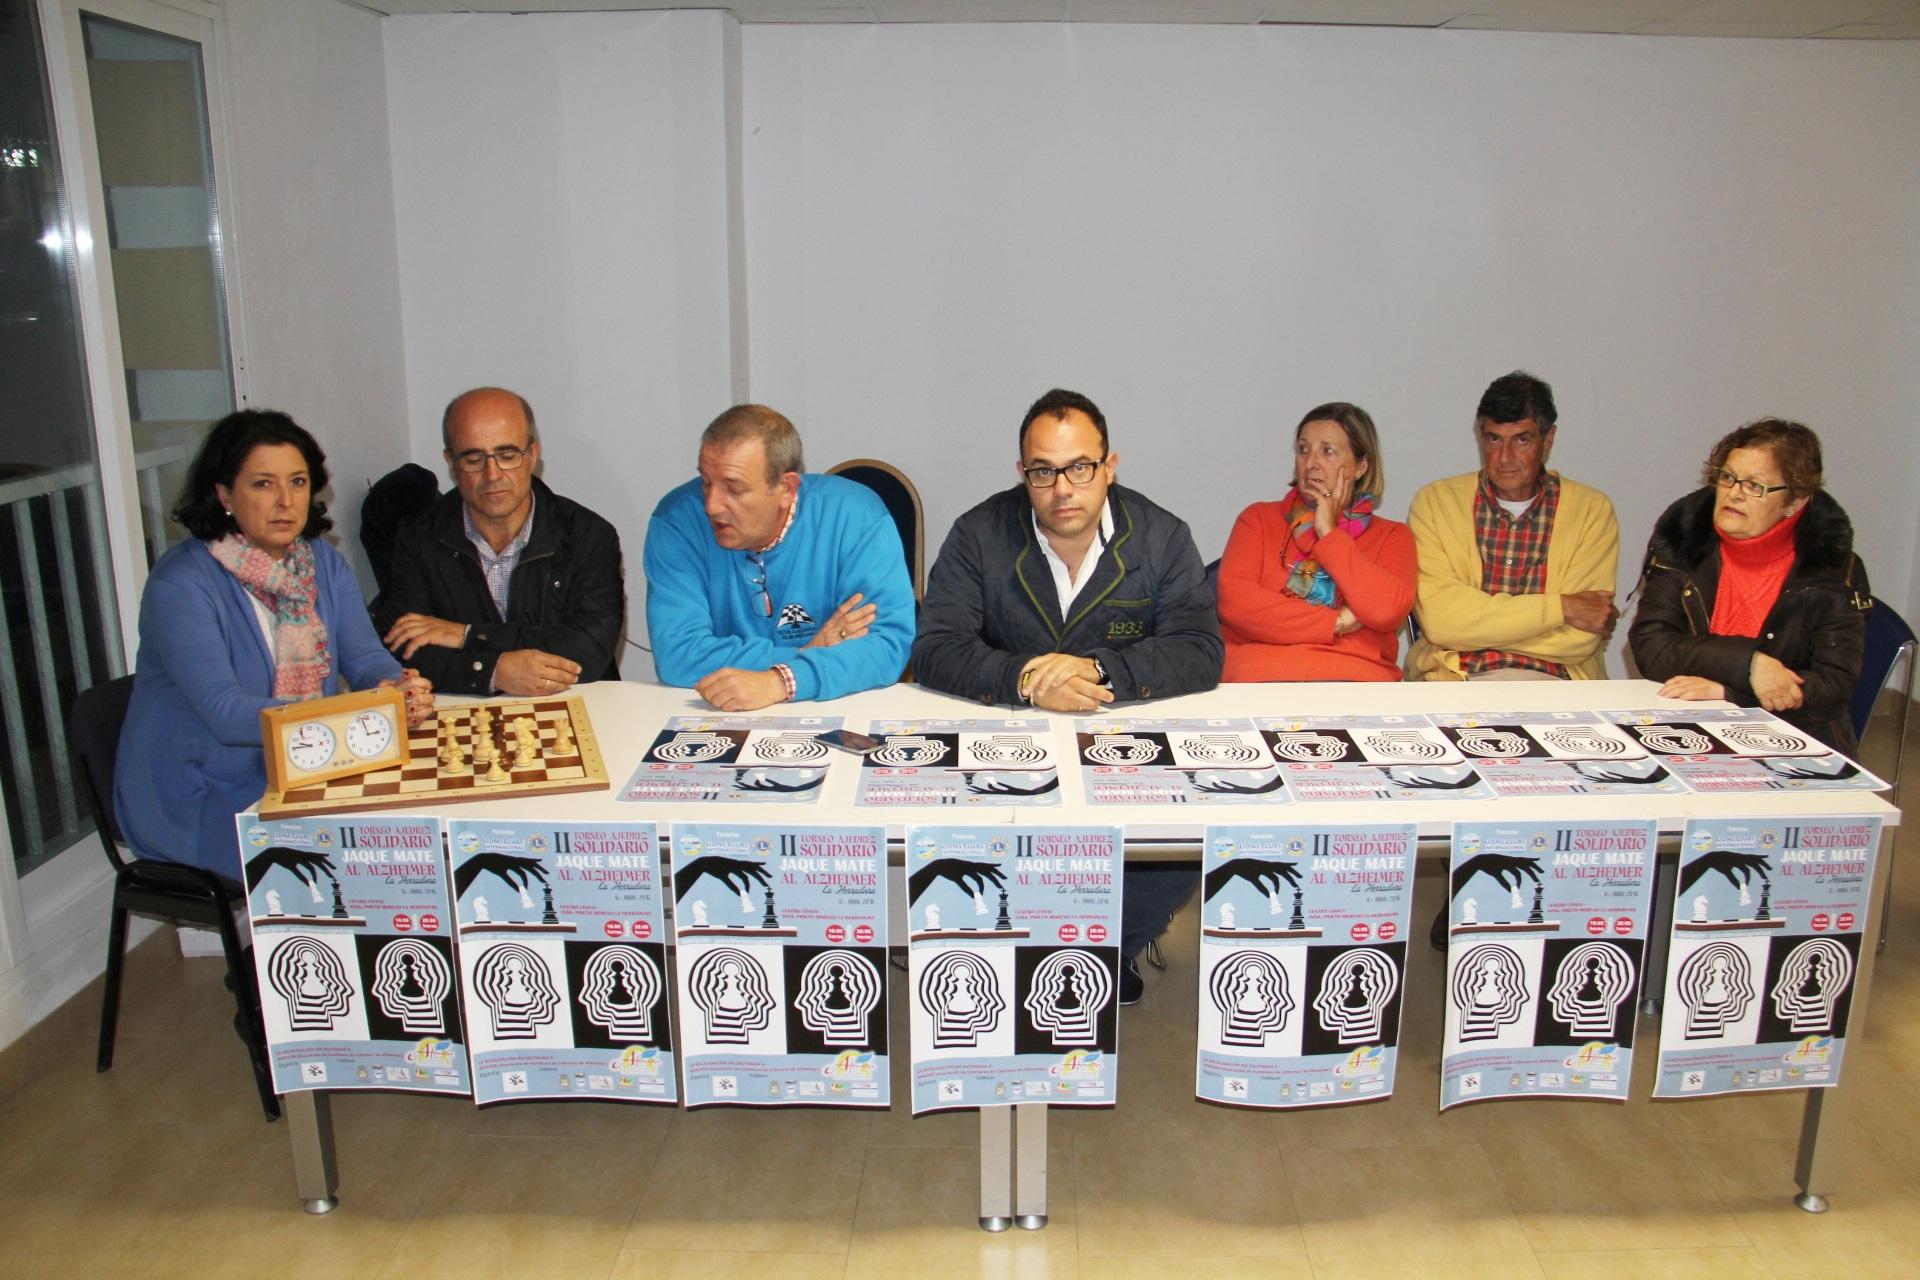 ACTO PRESENTACION TORNEO AJEDREZ SOLIDARIO A BENEFICIO DE AFAVIDA EN LA HERRADURA 16